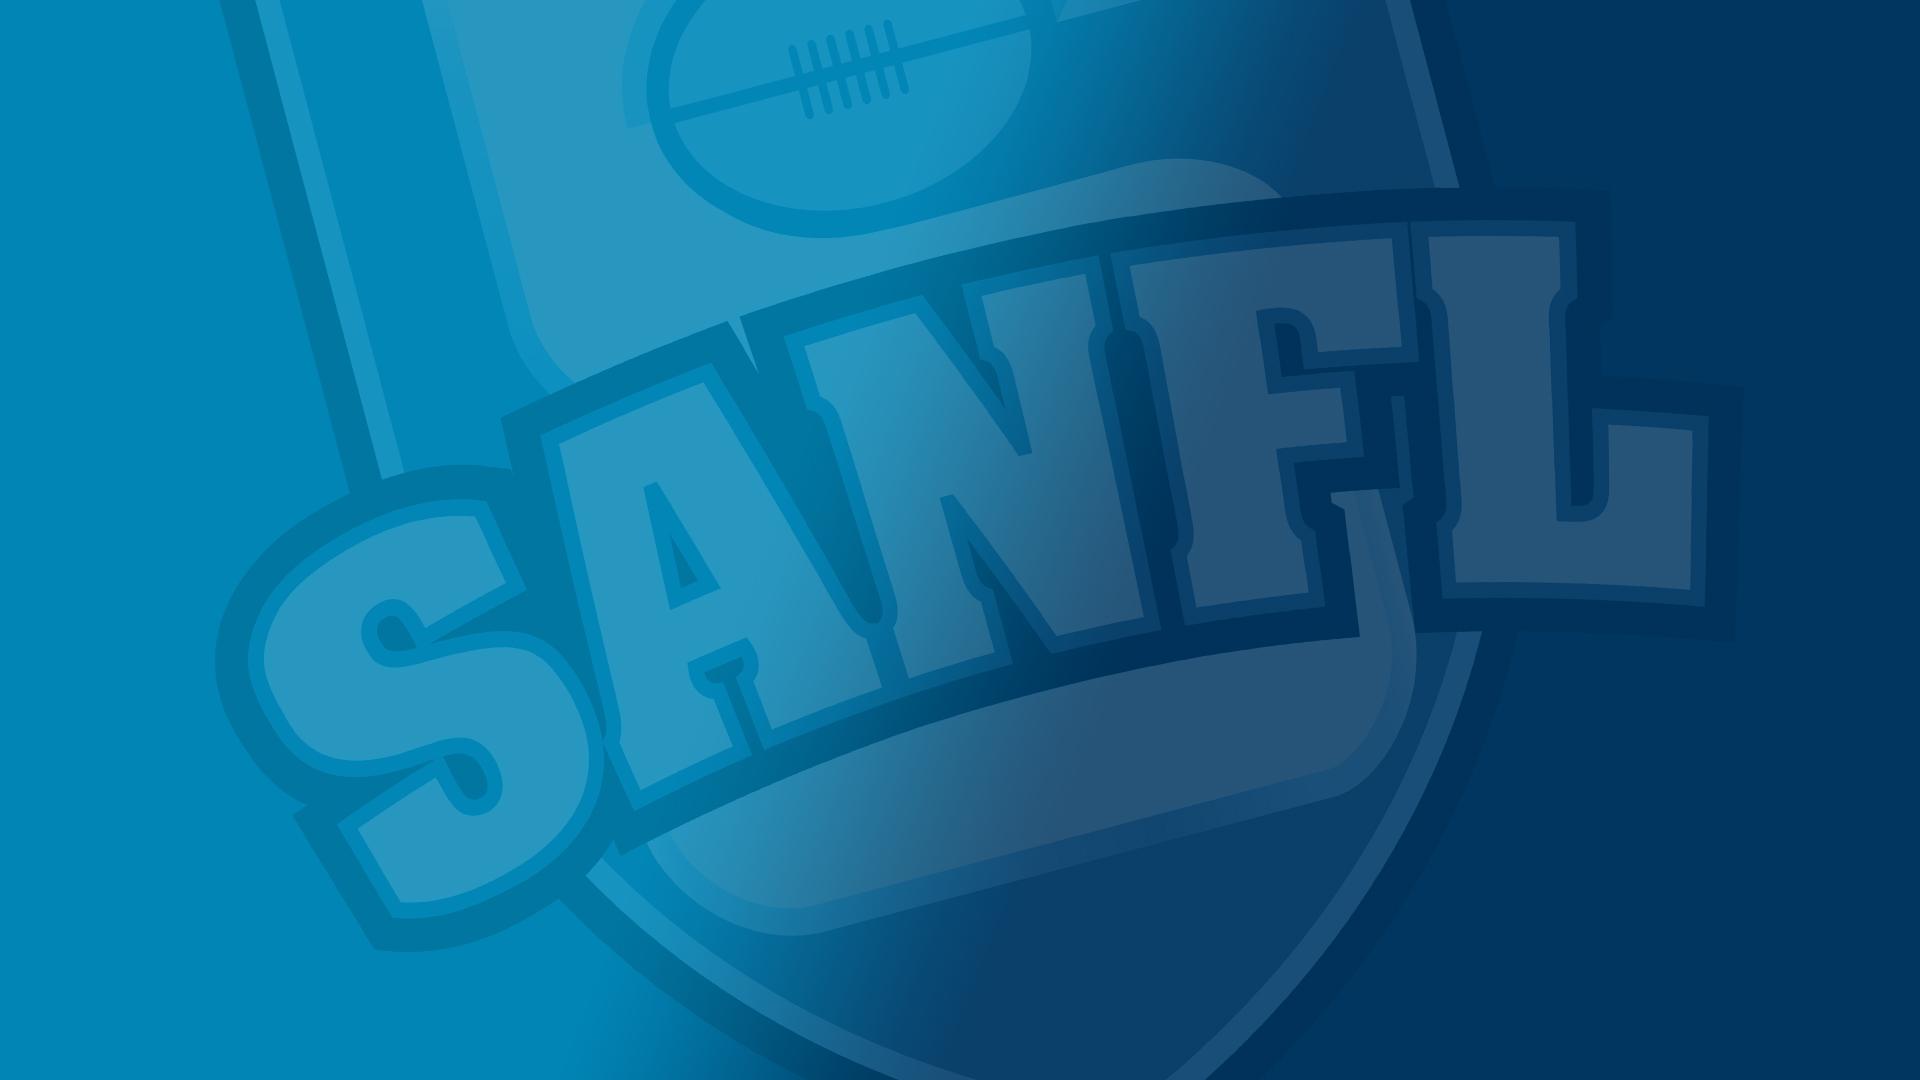 SANFL: League